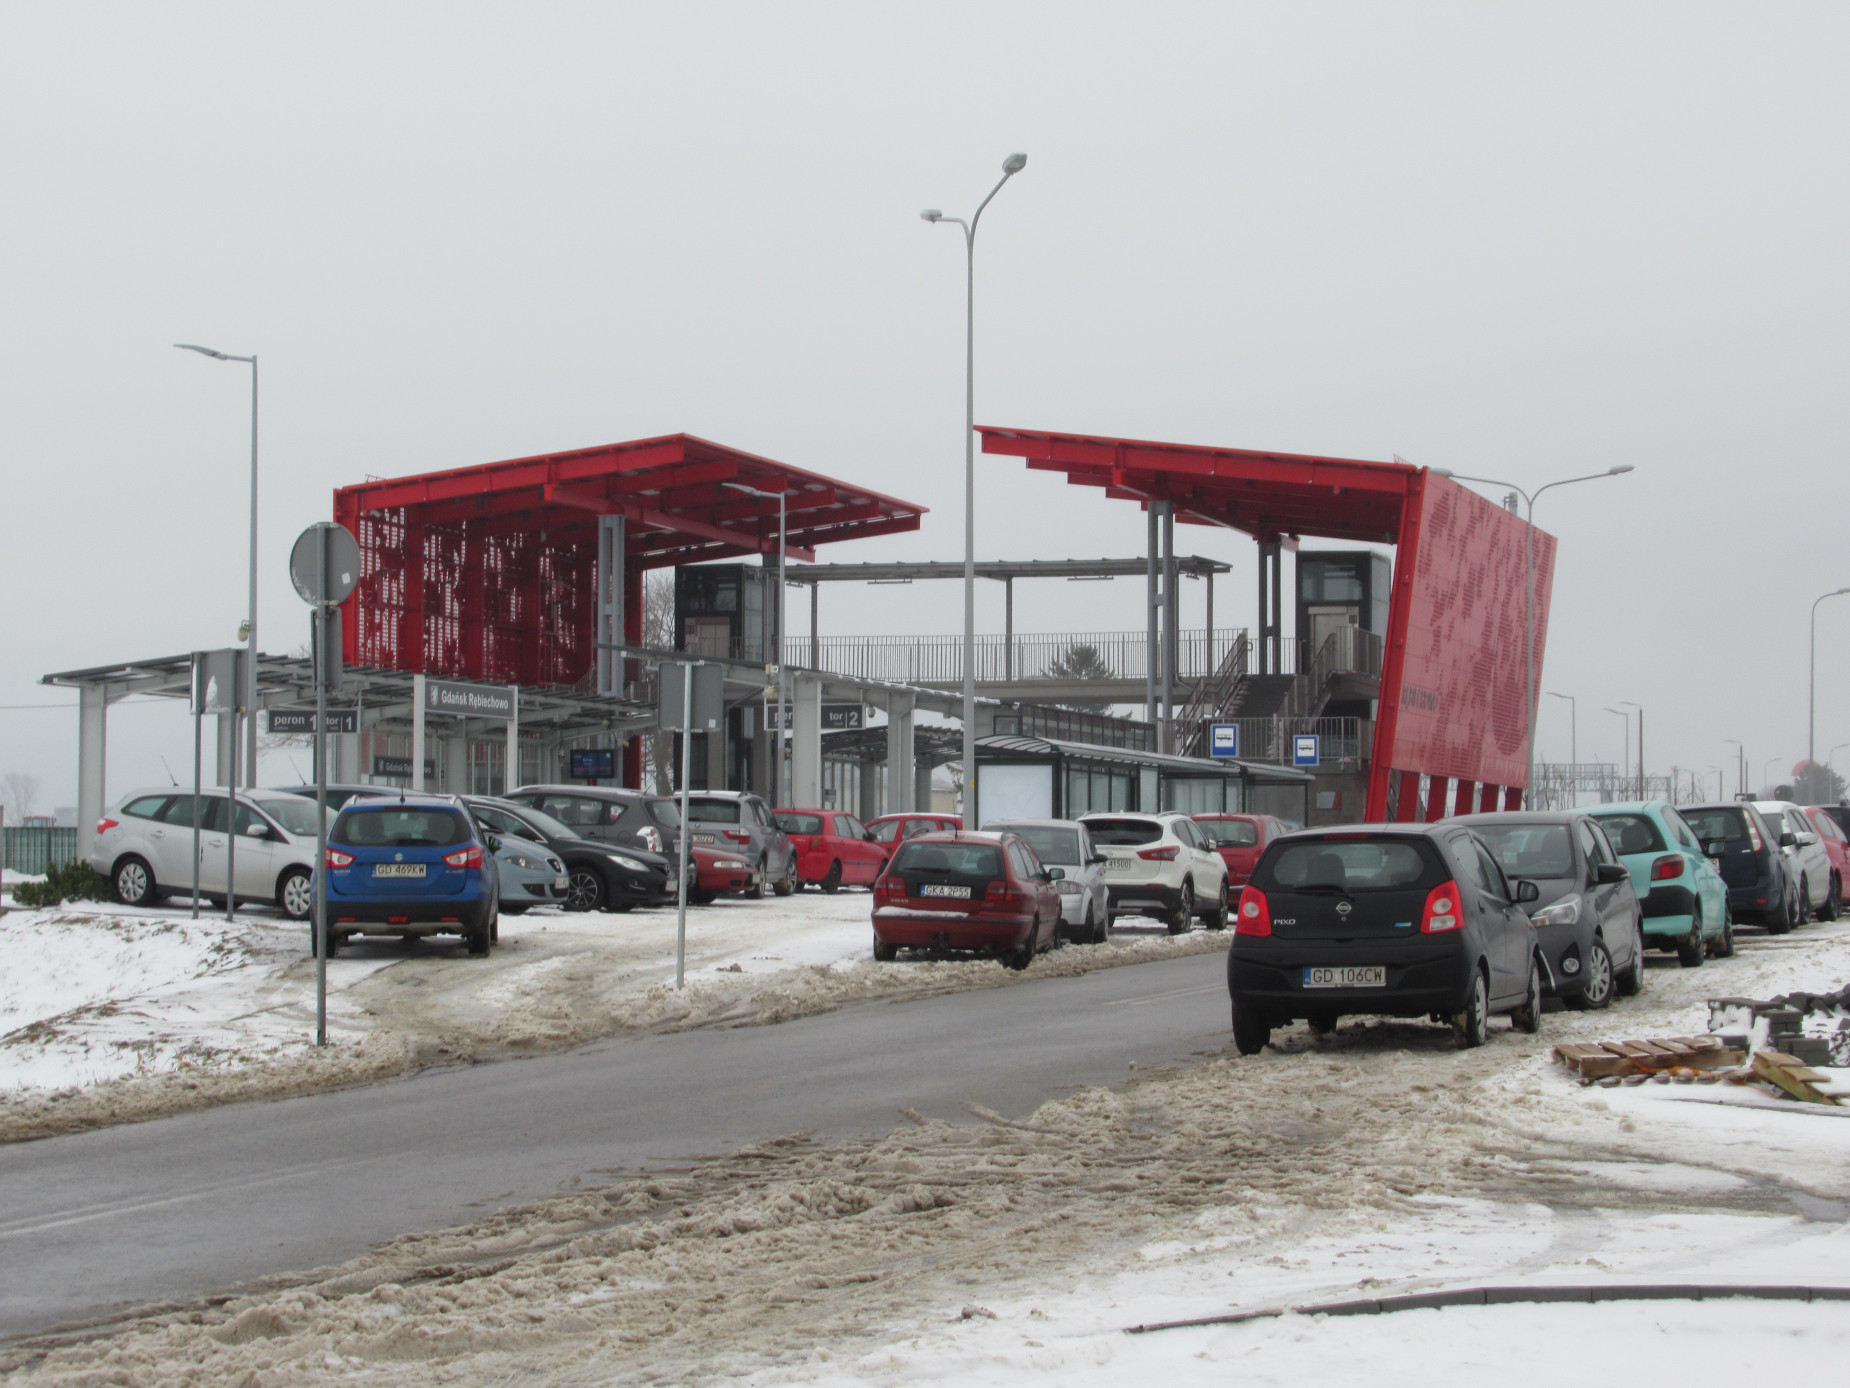 Rowerem lub autem na stację, a dalej pociągiem. Już w styczniu będzie gotowy węzeł przesiadkowy przy stacji PKM Gdańsk Rębiechowo